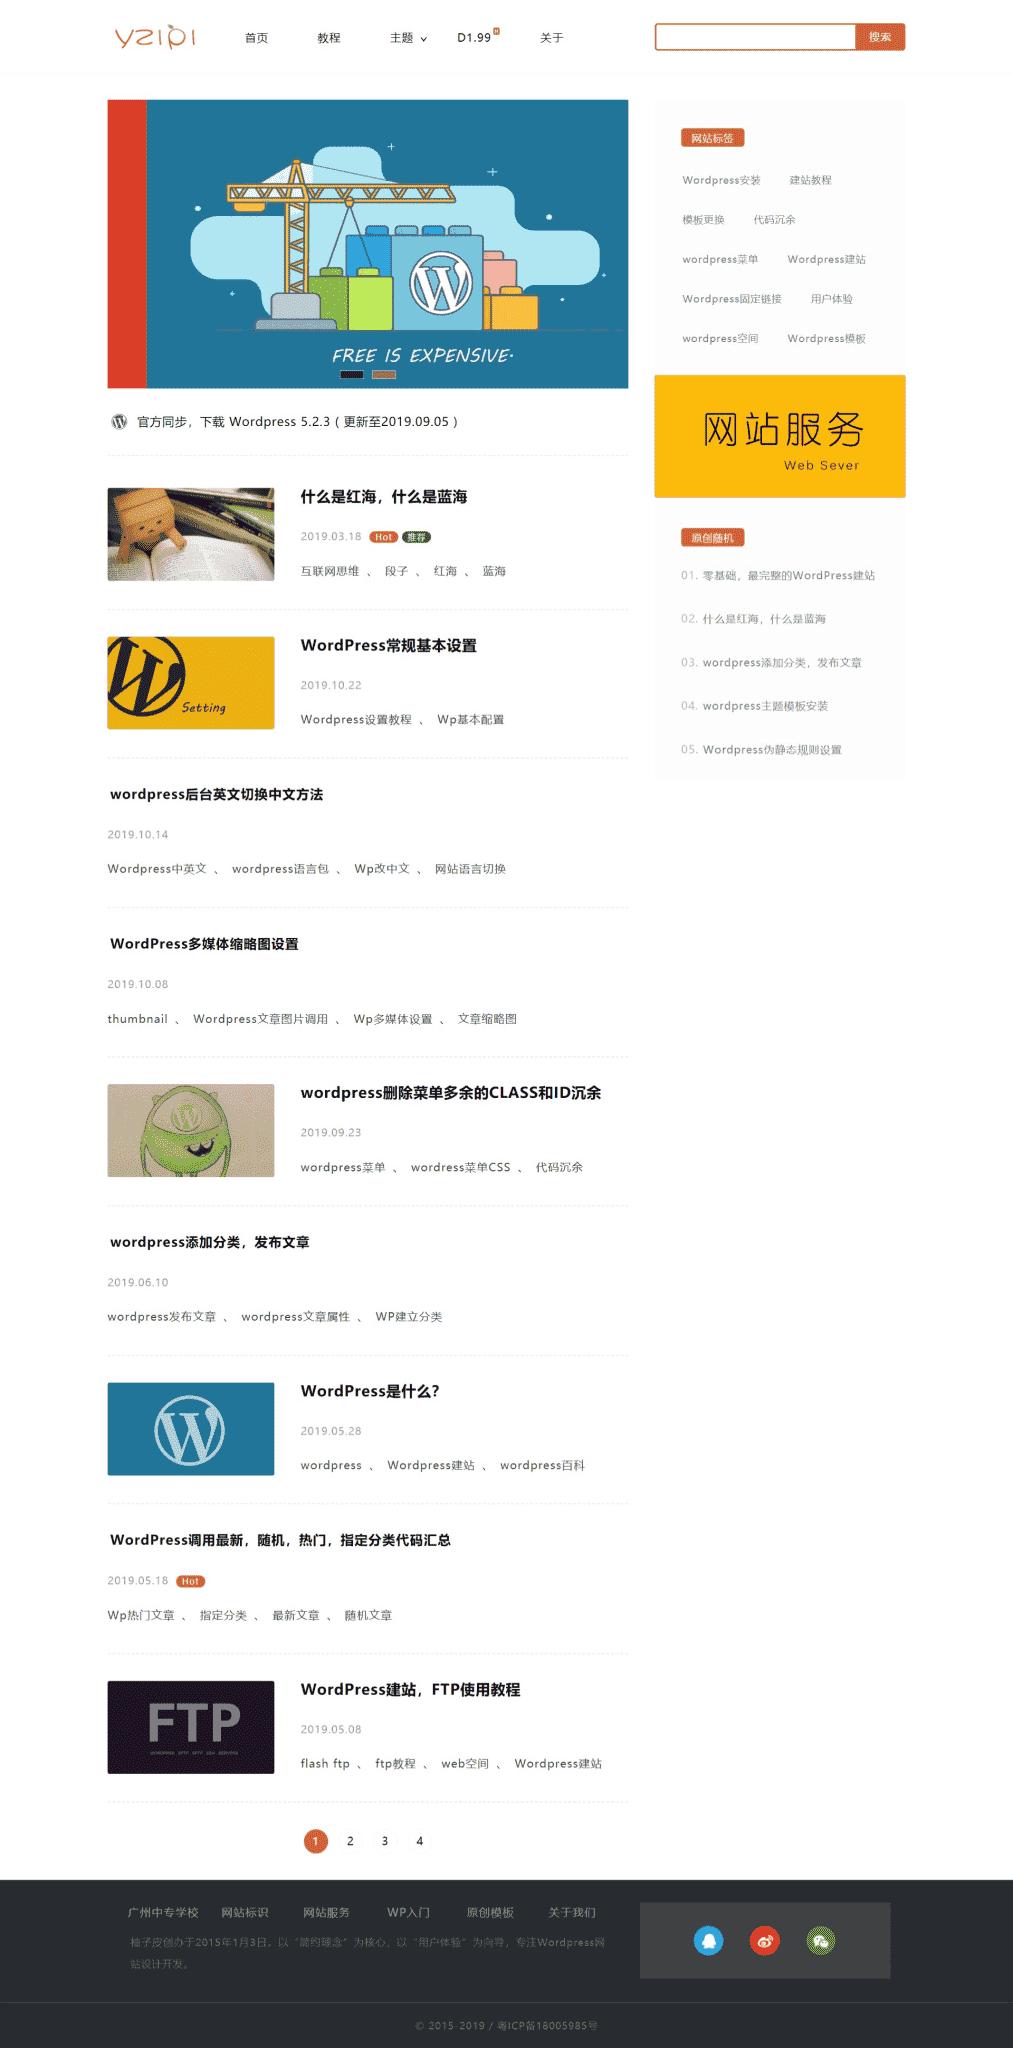 主题售价299 元的柚子皮wordpres模板-52资源网